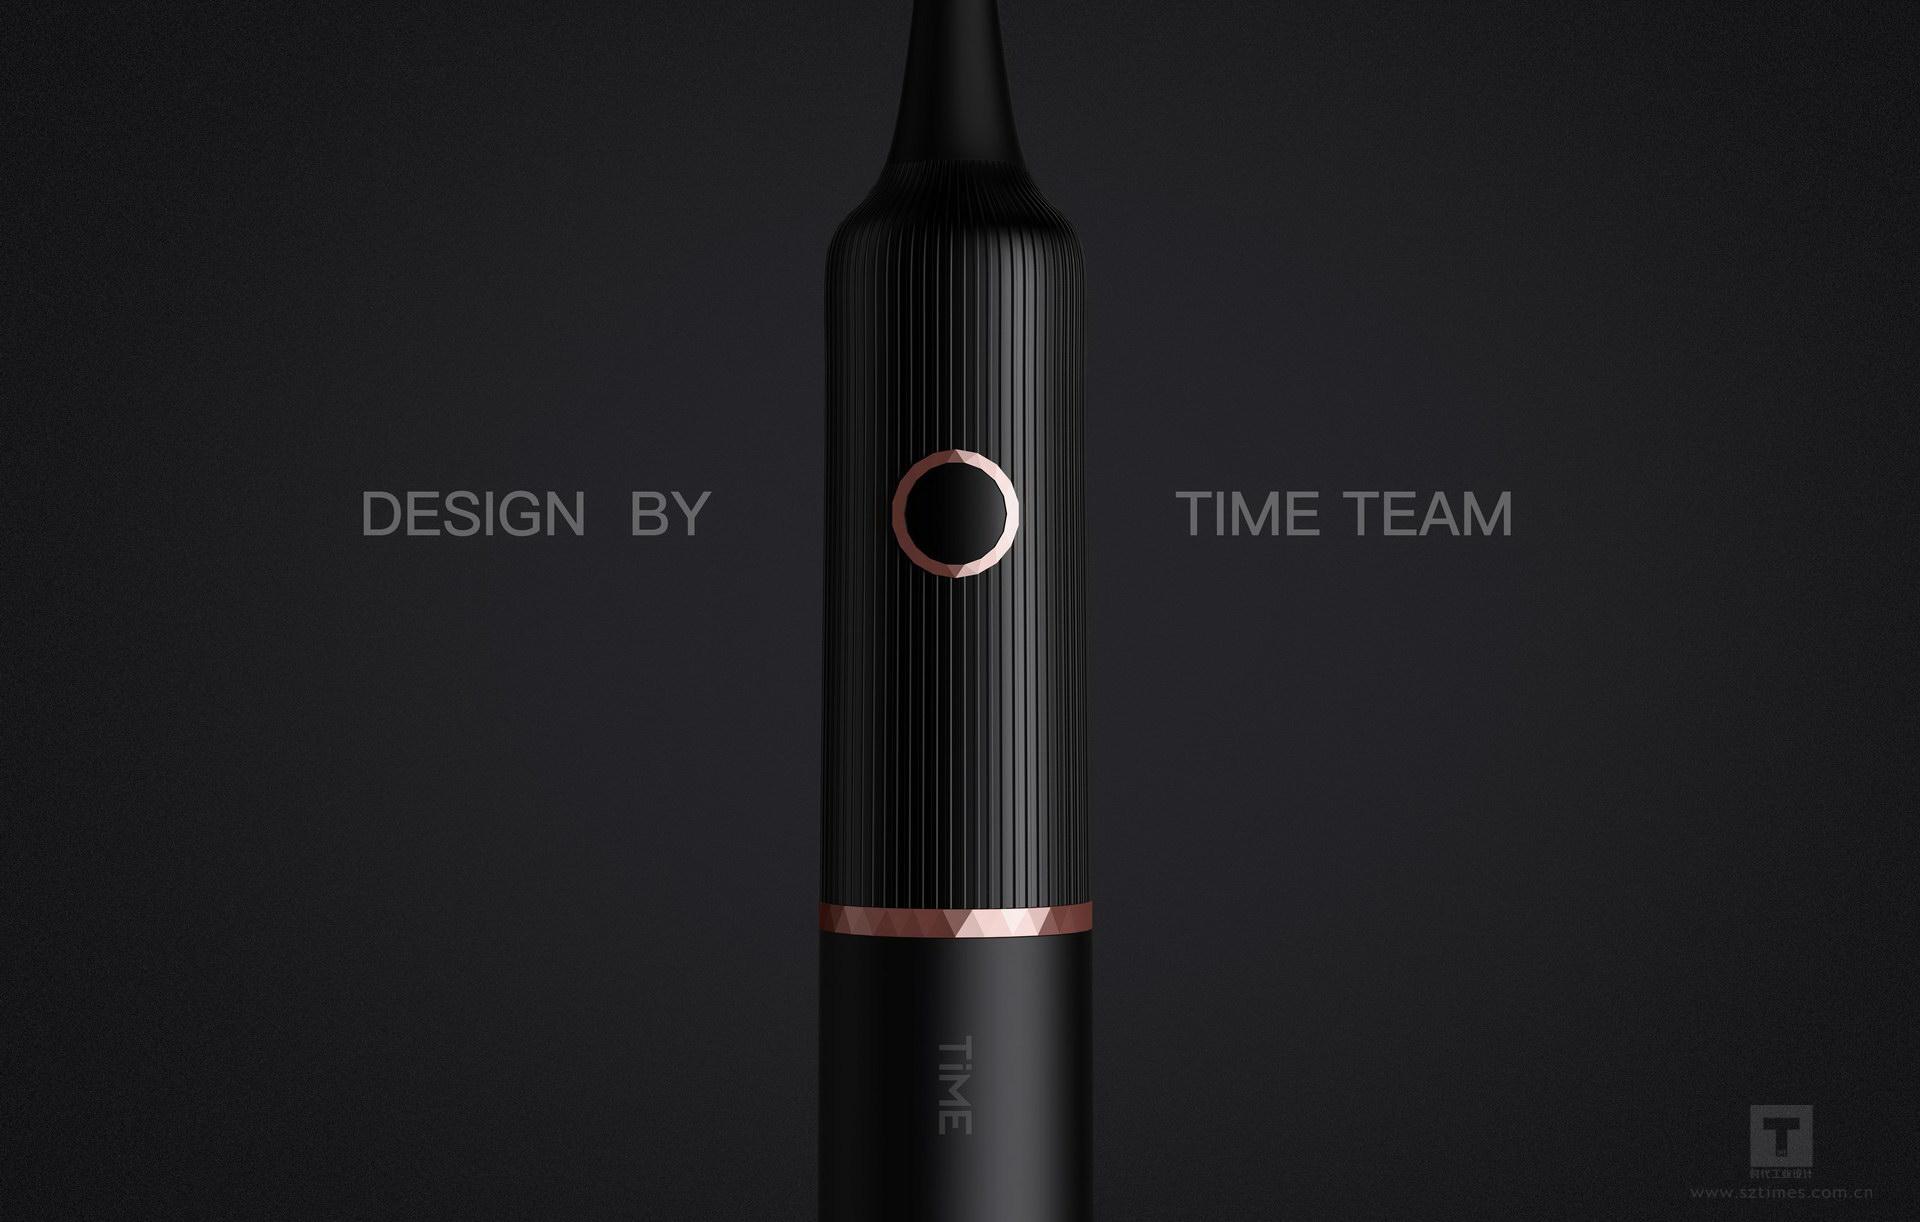 电动牙刷设计 (1).JPG